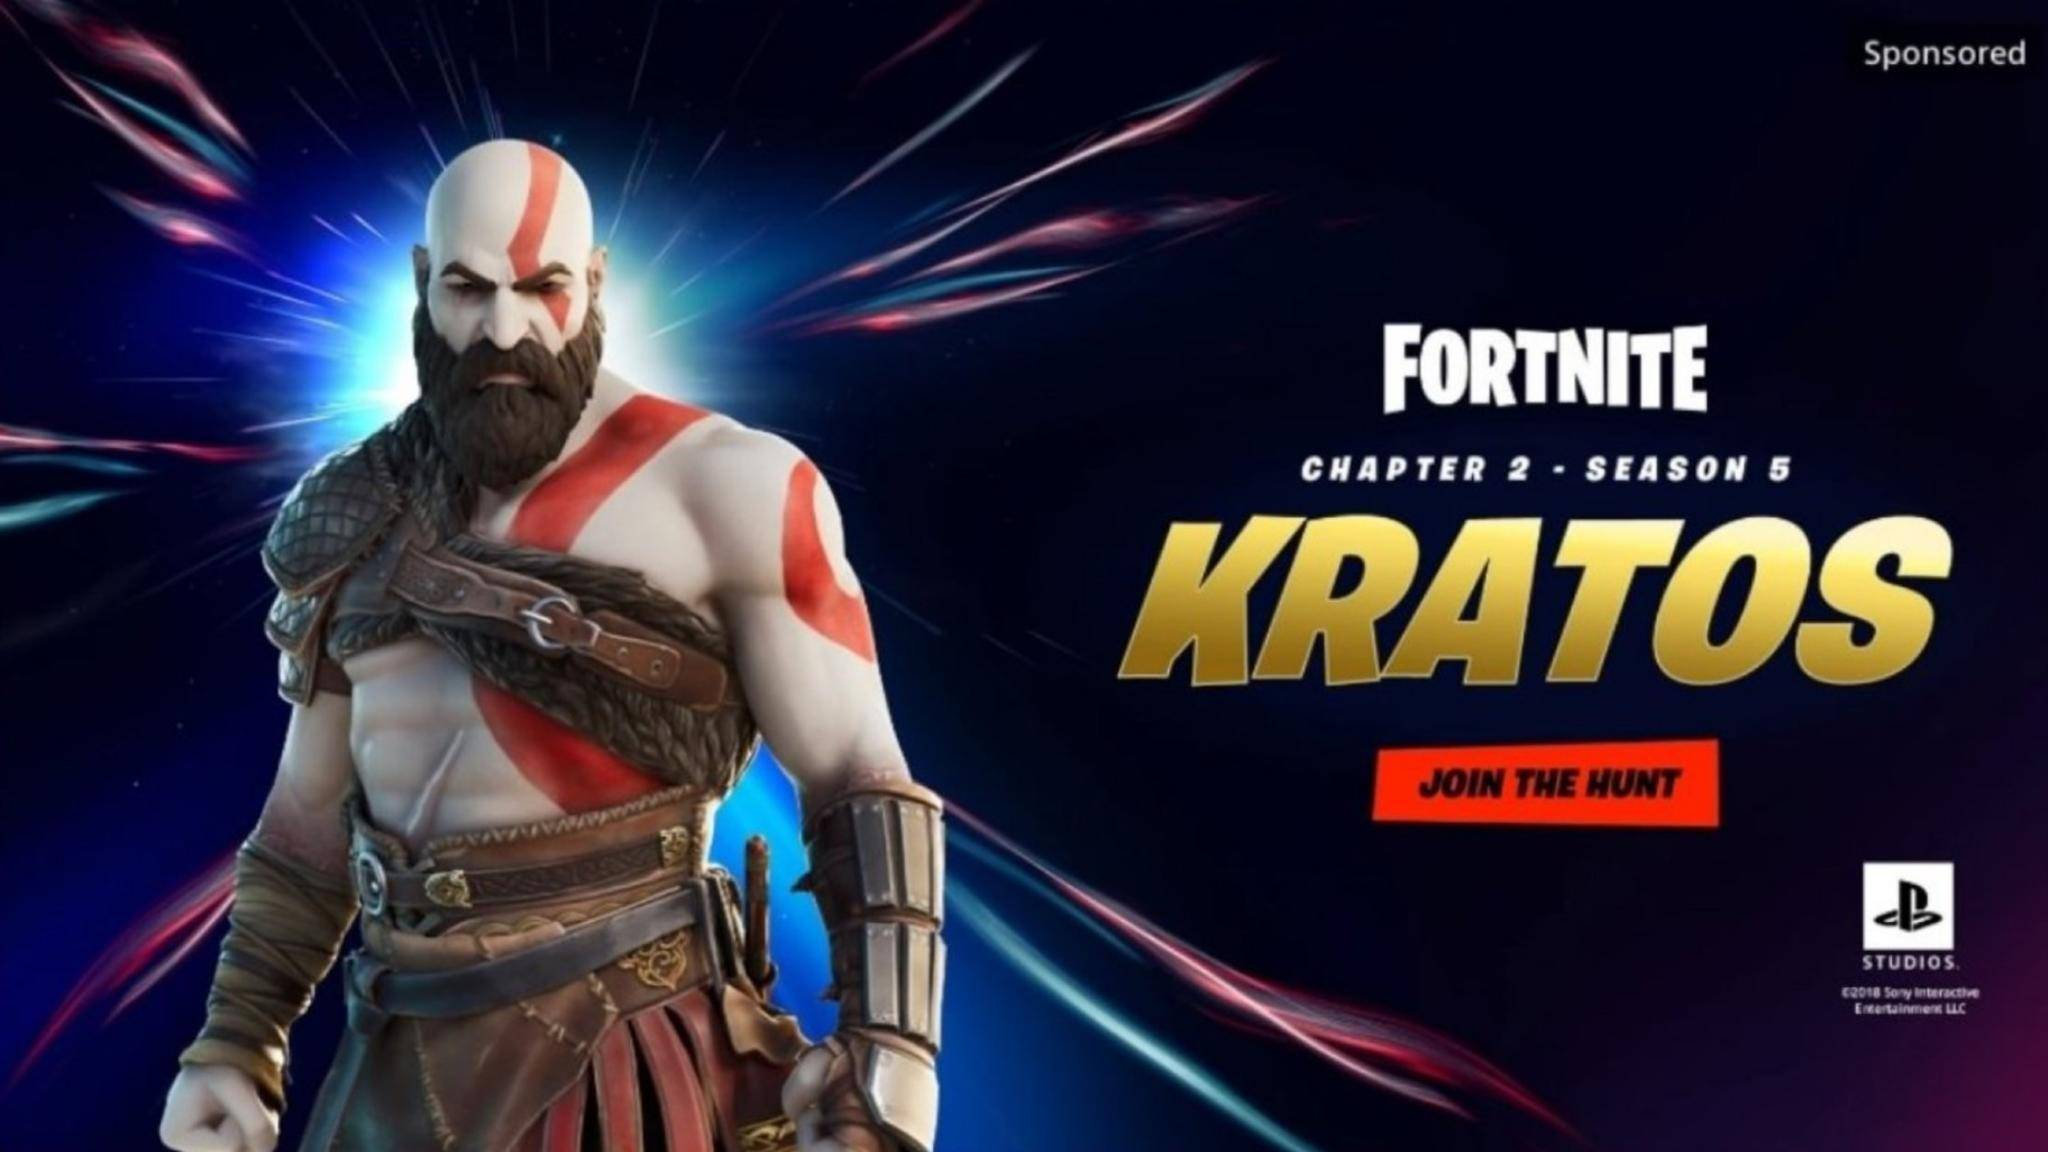 fortnite-kratos-god-of-war